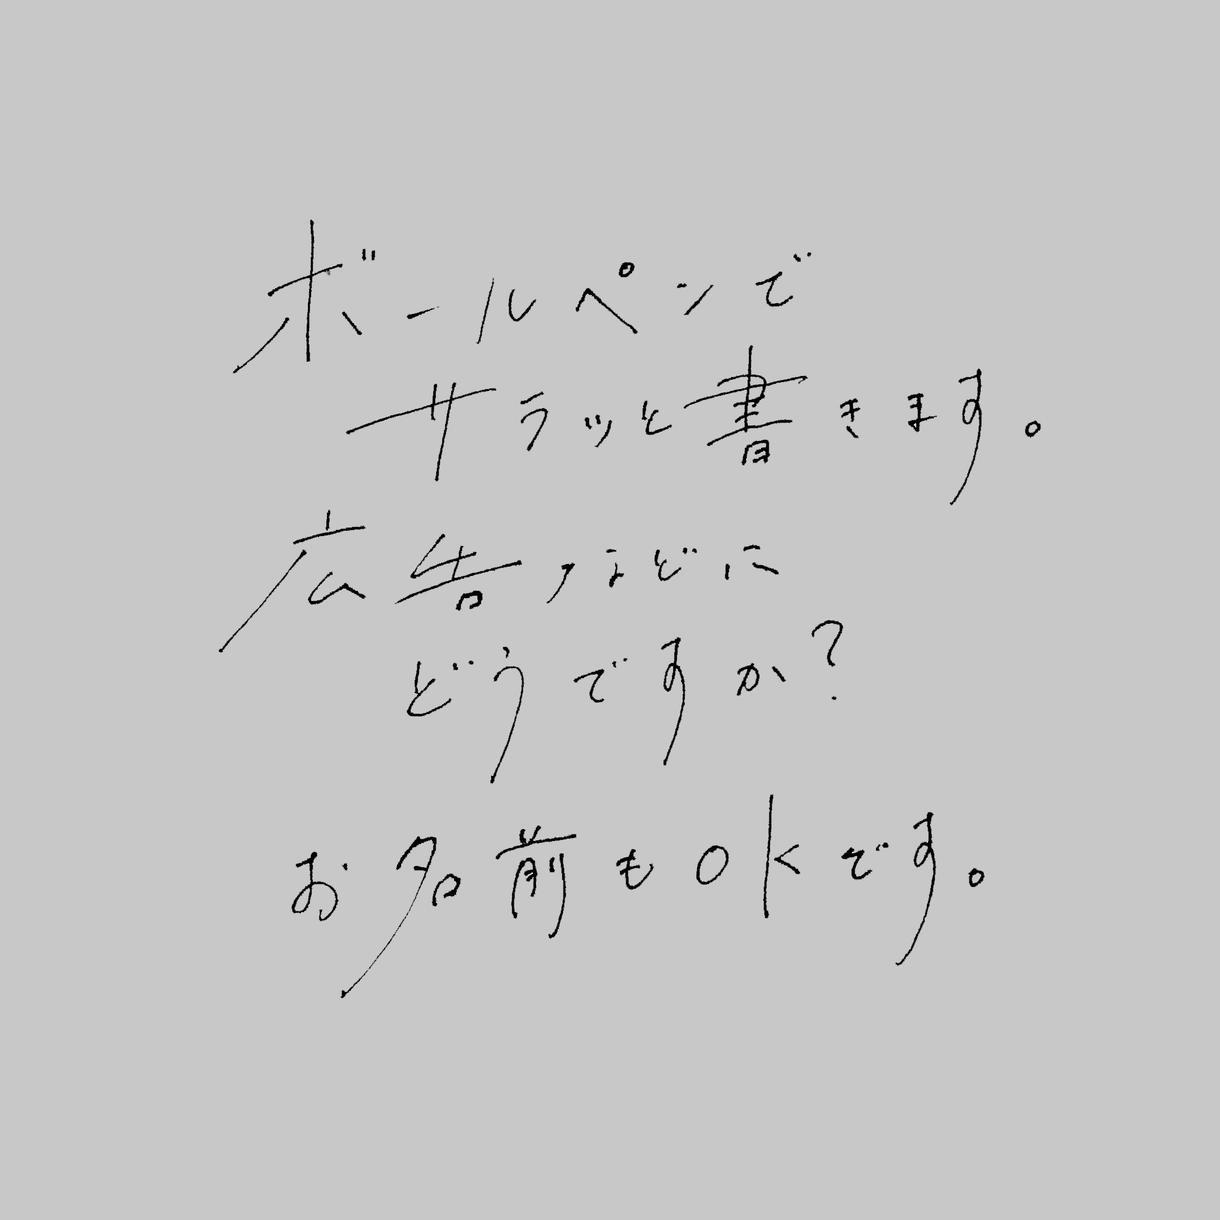 サラッとシンプルな手書きの文字を書きます 外国語OK!長期契約も承ります^^ イメージ1